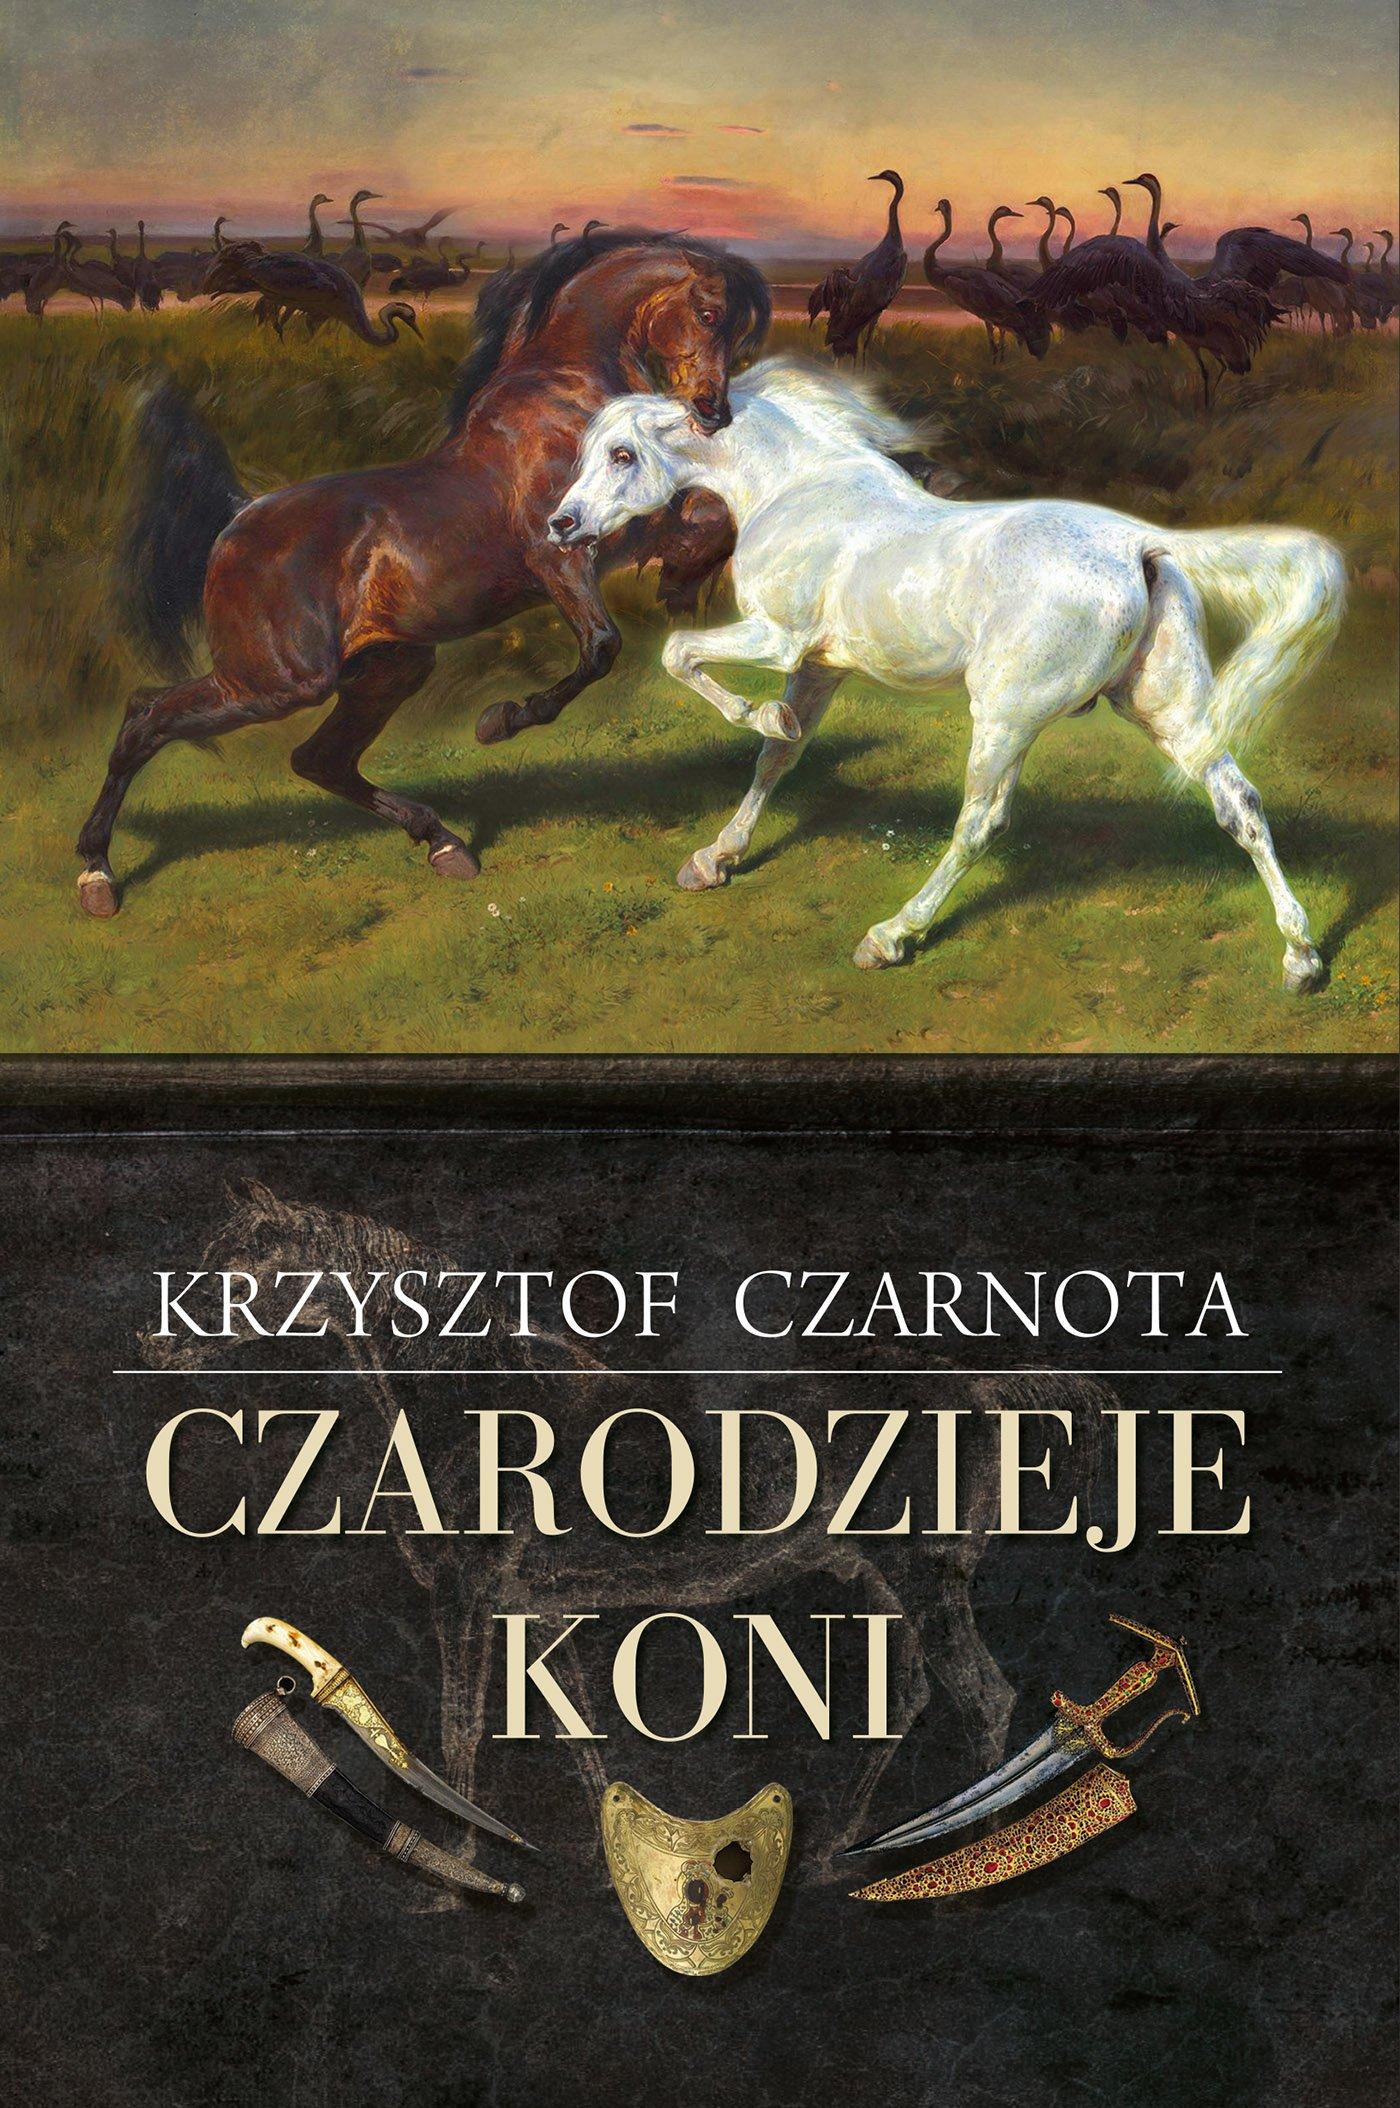 Czarodzieje koni - Ebook (Książka na Kindle) do pobrania w formacie MOBI